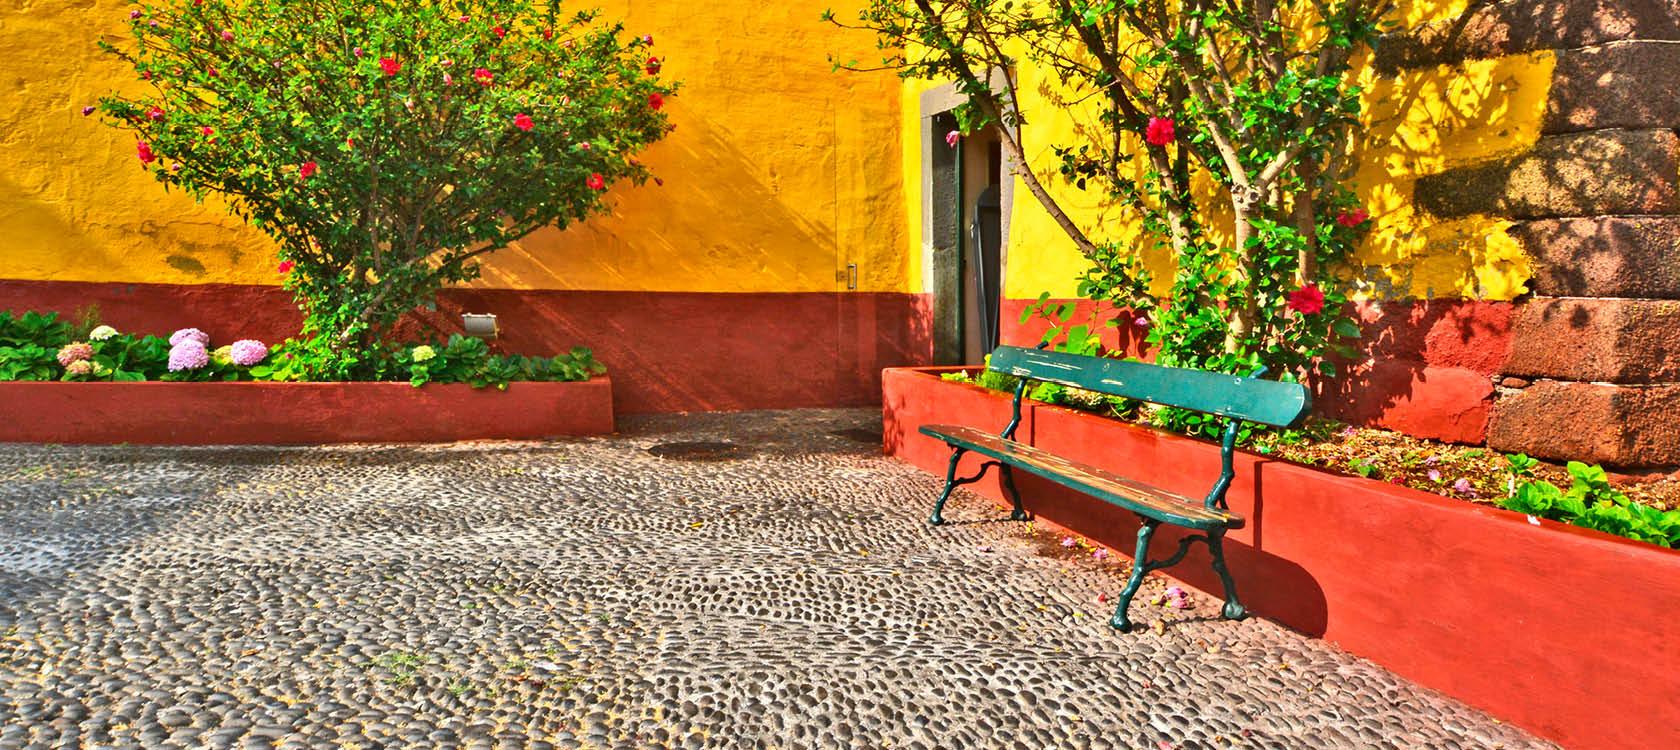 Rejs til Madeira med Kulturrejser Europa